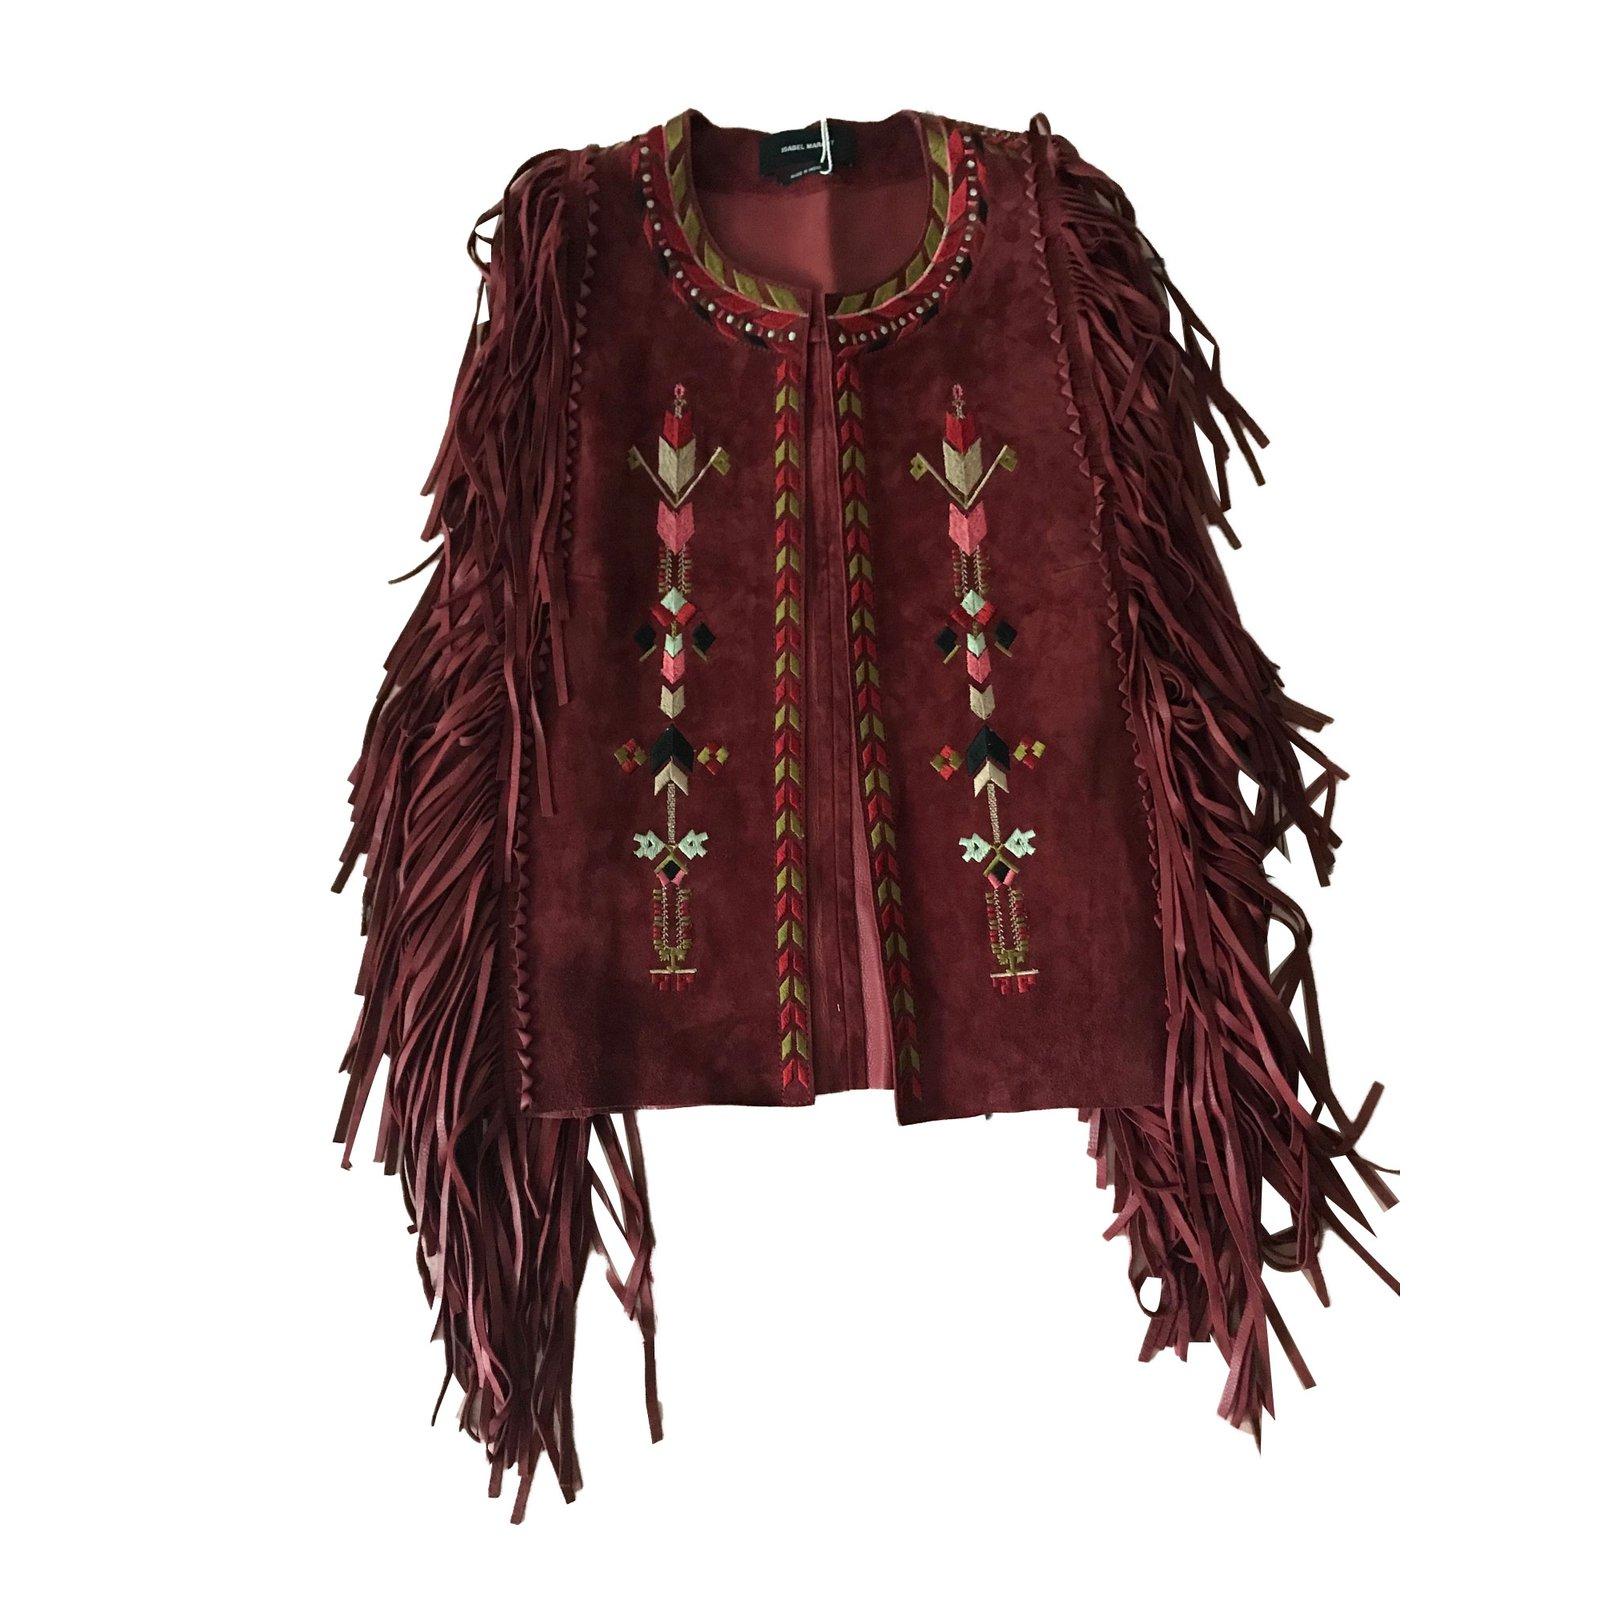 Cuir Bordeaux Joli Marant Closet Ref Vestes 82065 Isabel qvRwxF7